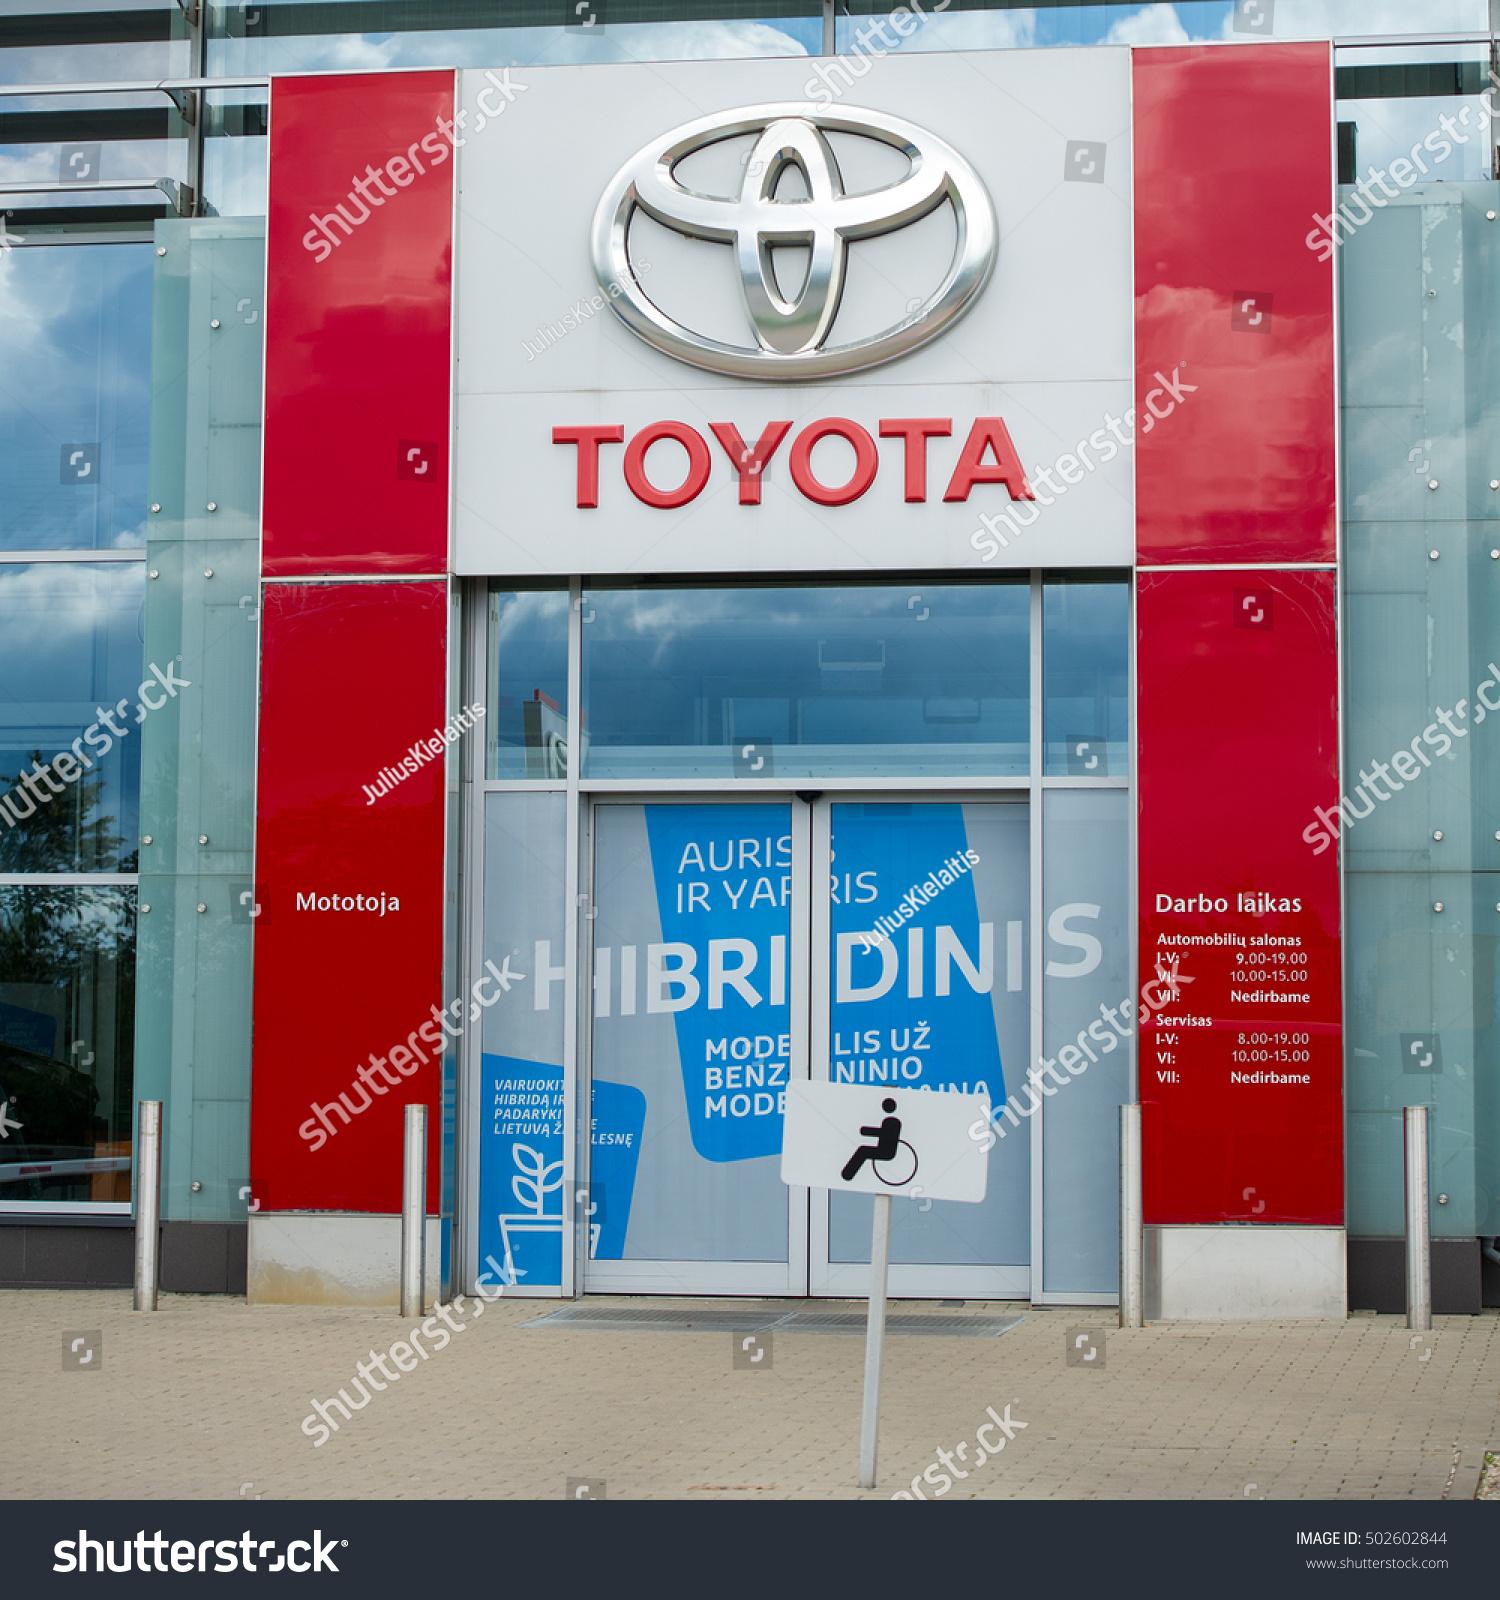 VILNIUS - AUGUST 7: Toyota logo on August 7, 2016 in Vilnius, Lithuania